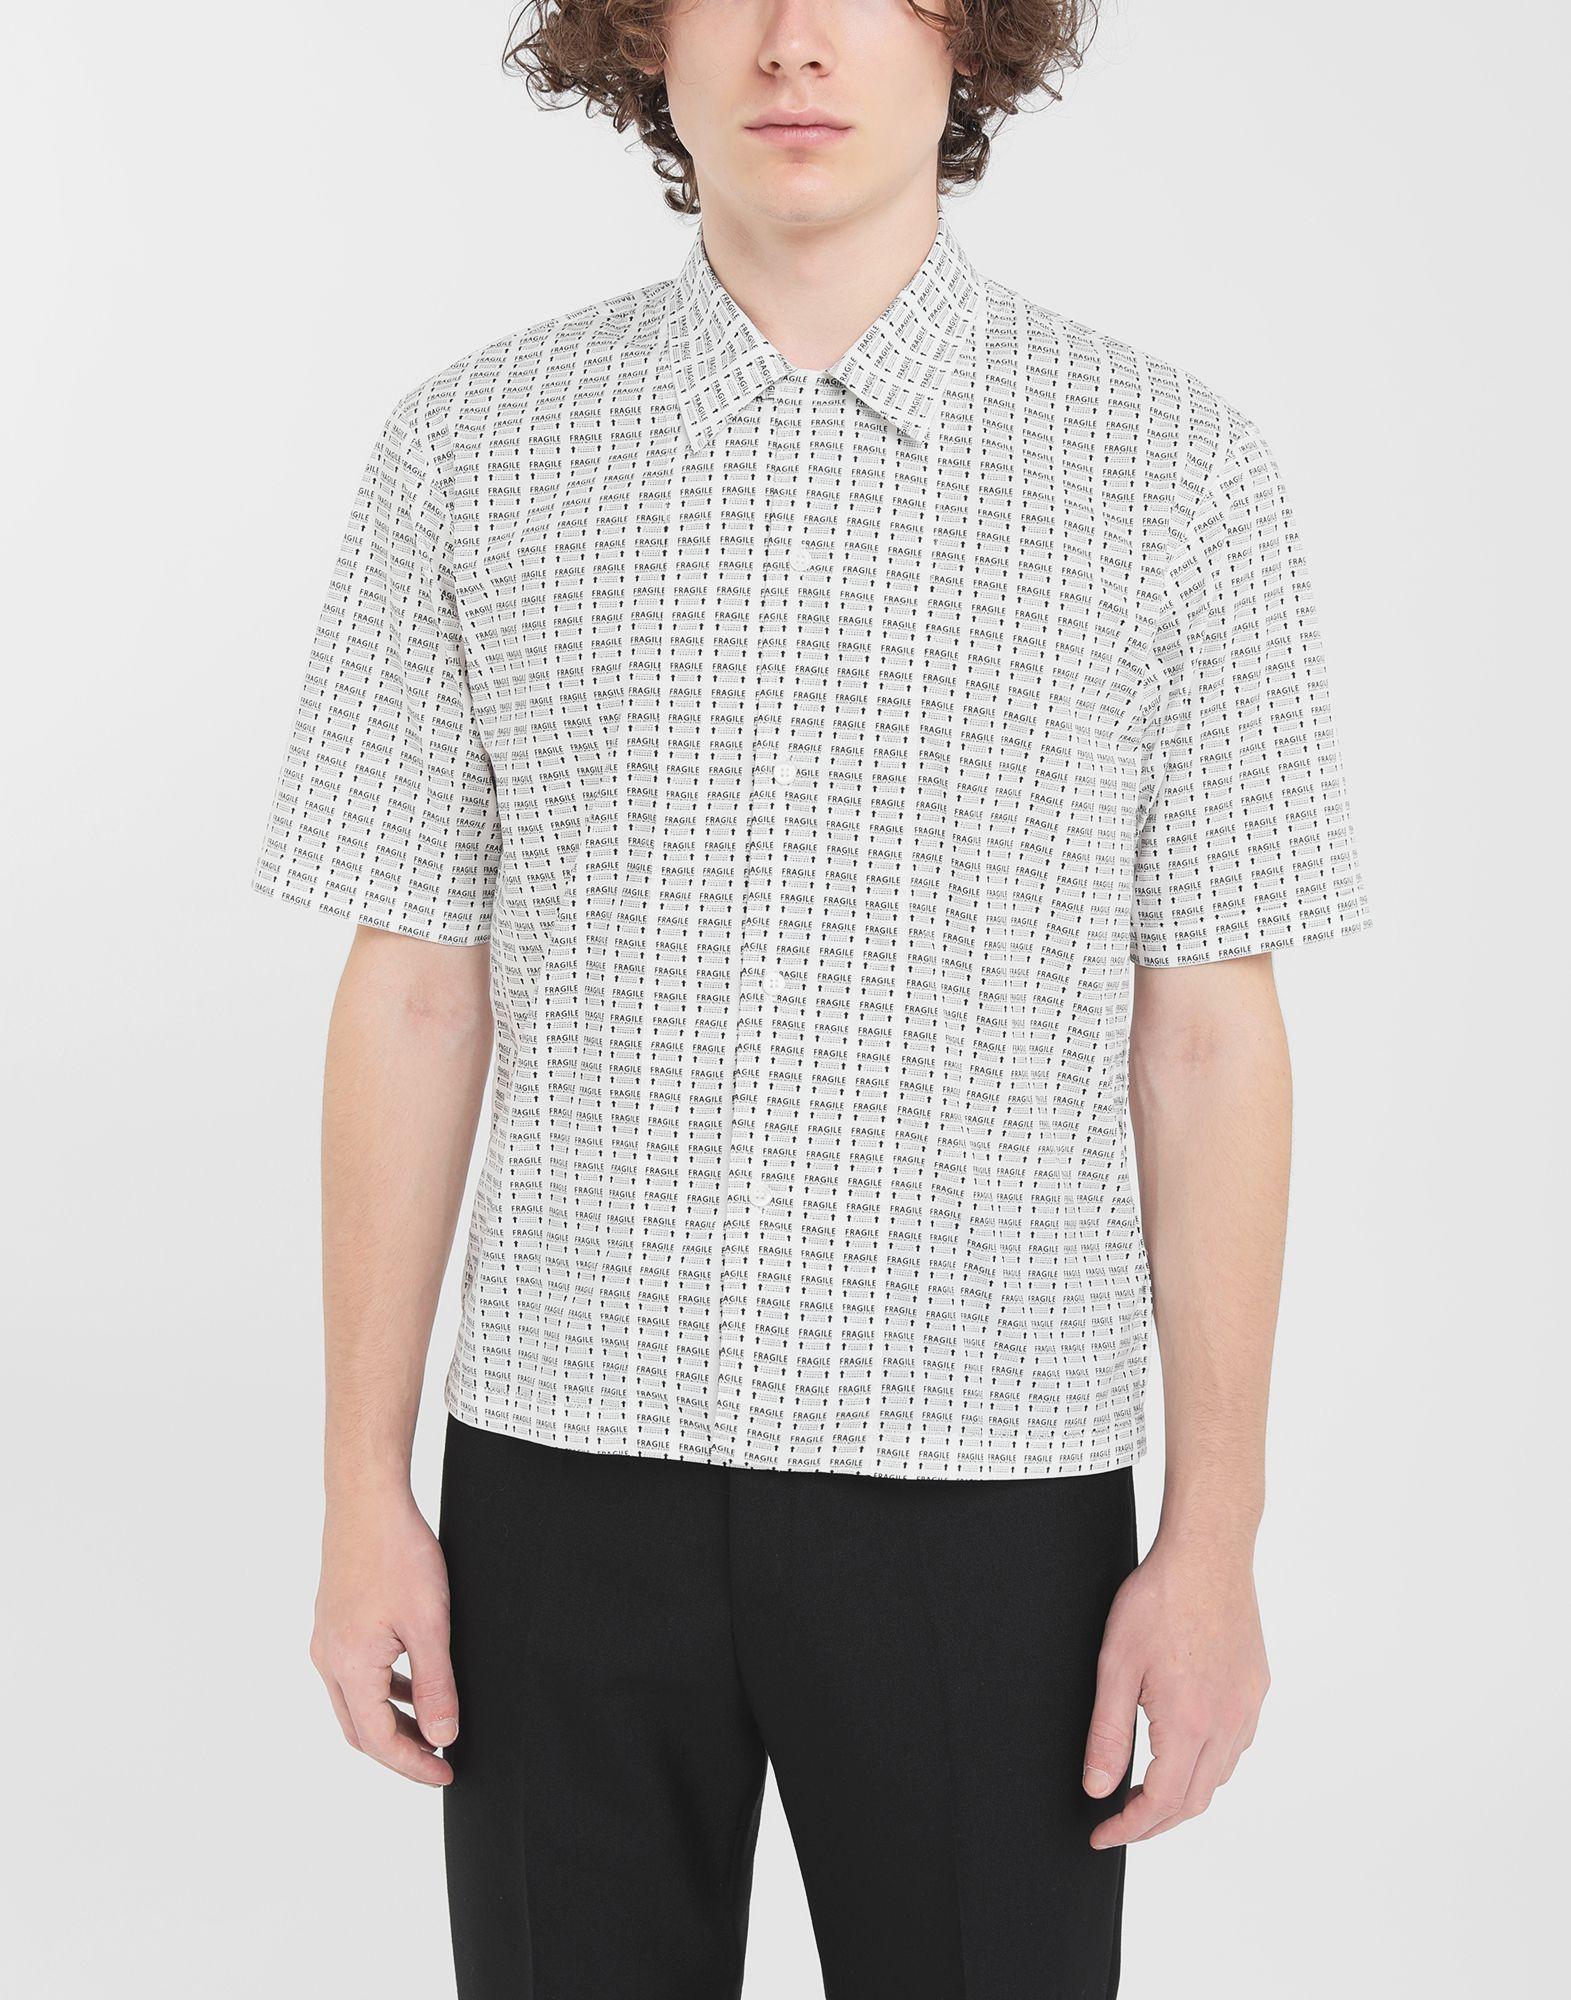 MAISON MARGIELA オールオーバー Fragileプリント シャツ 半袖シャツ メンズ r